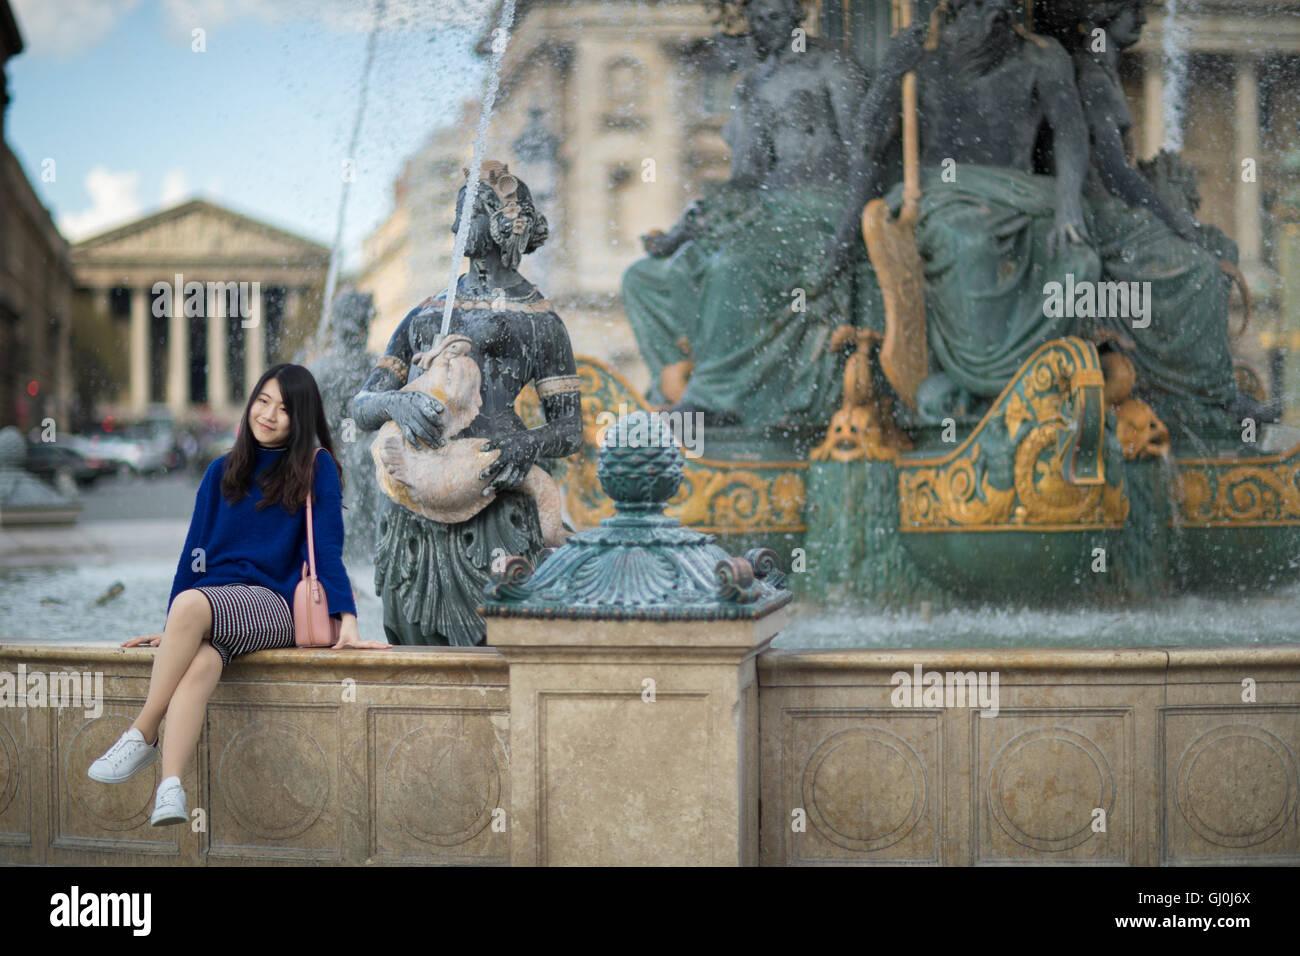 a tourist posing for a photograph in the Place de la Concorde, Paris, France Stock Photo